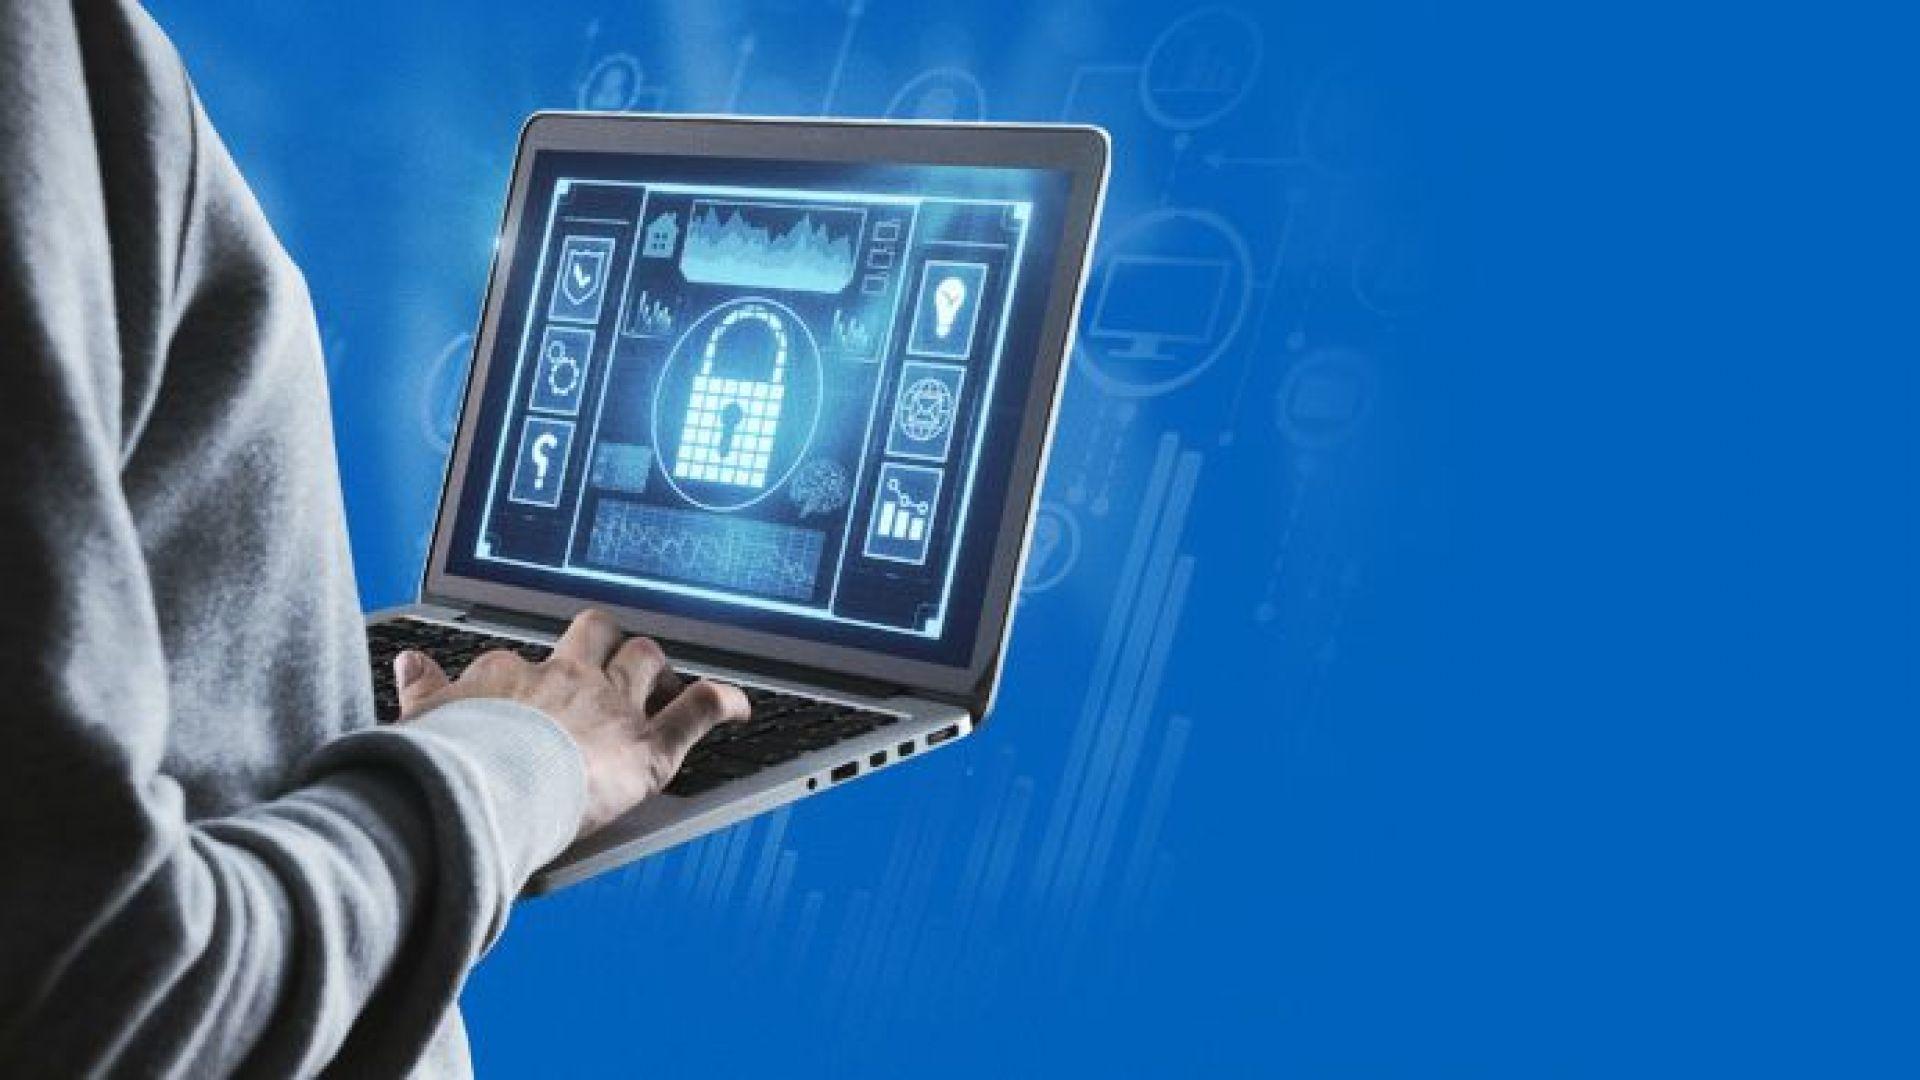 Програмисти искат отворен код на софтуерните системи в българските институции